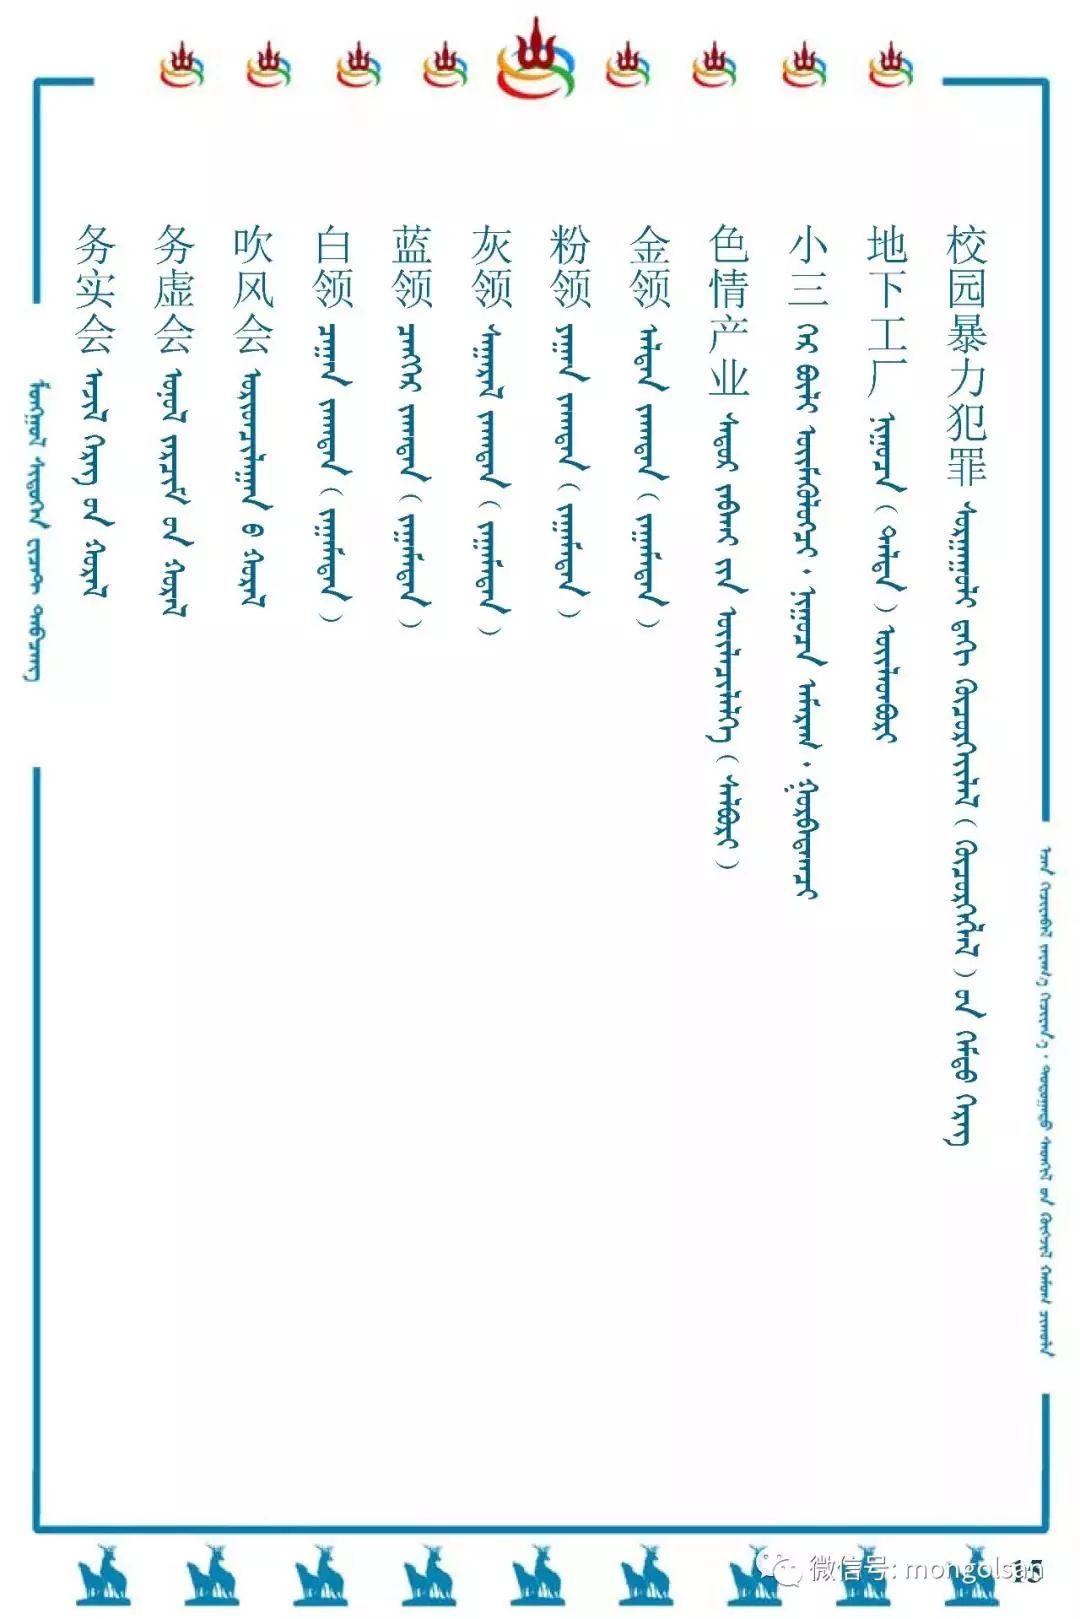 最新名词蒙古语翻译参考 第15张